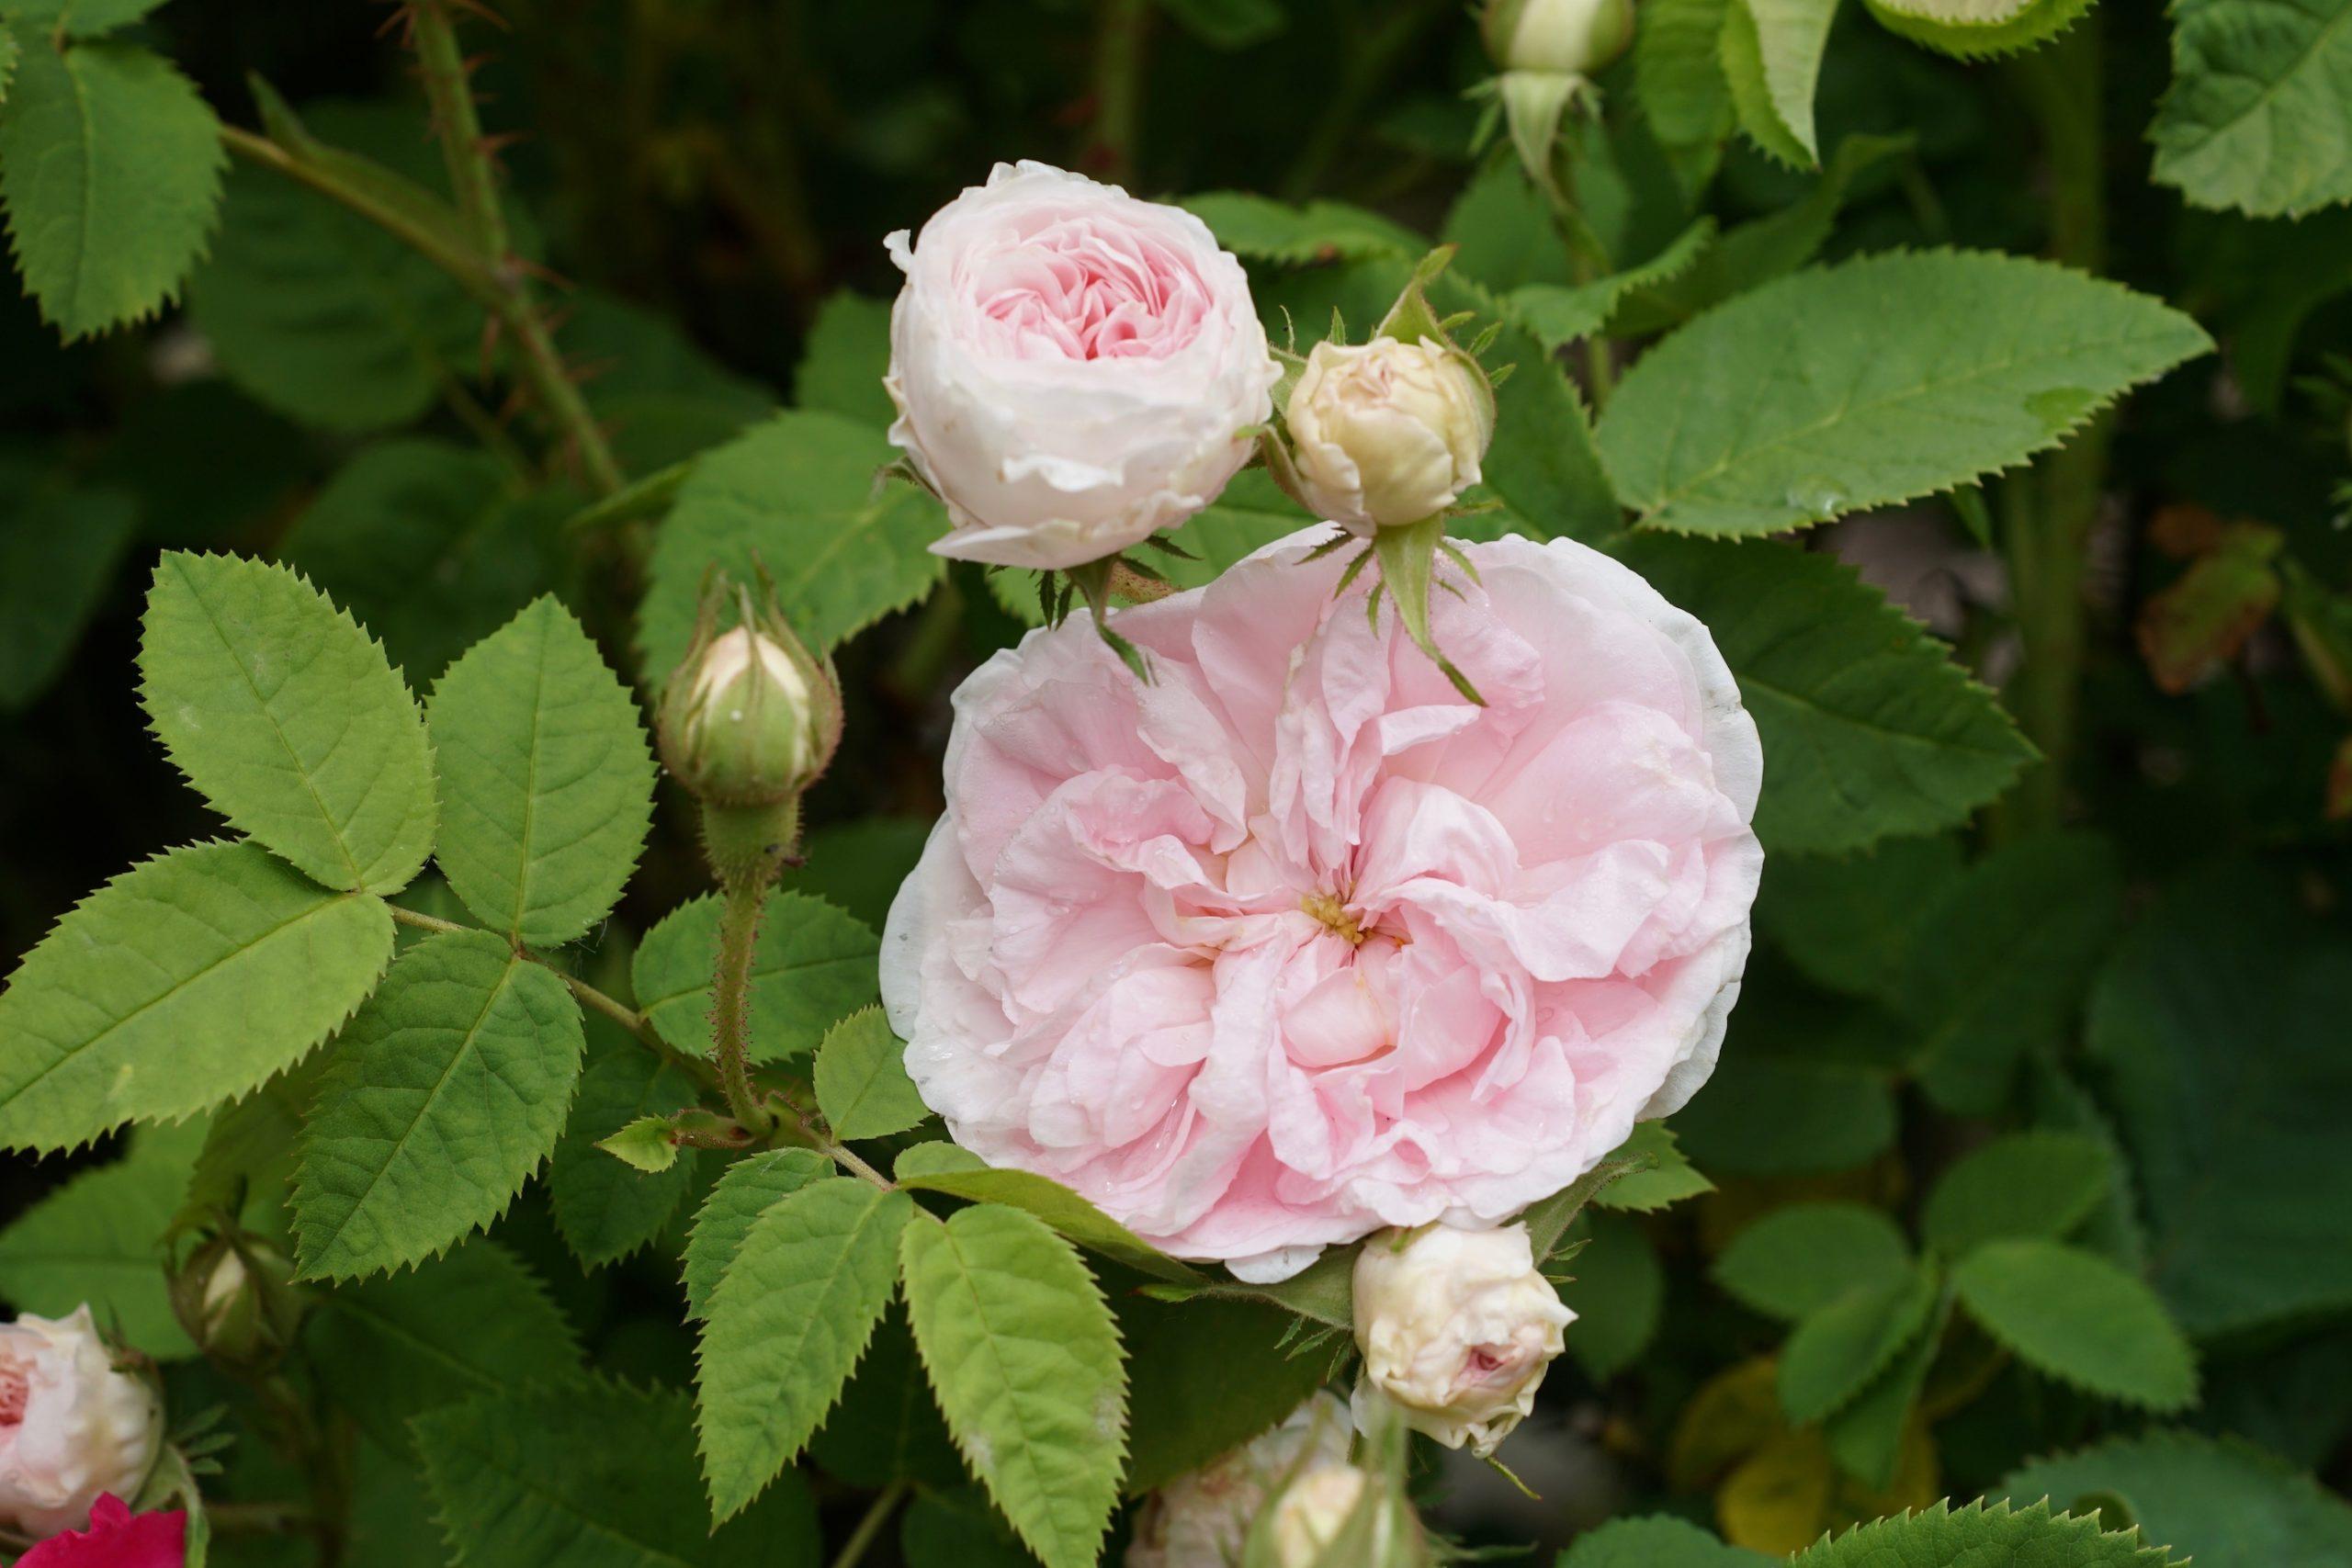 Rosier ancien Alba buisson - Cuisse de Nymphe émue - Roses Guillot®